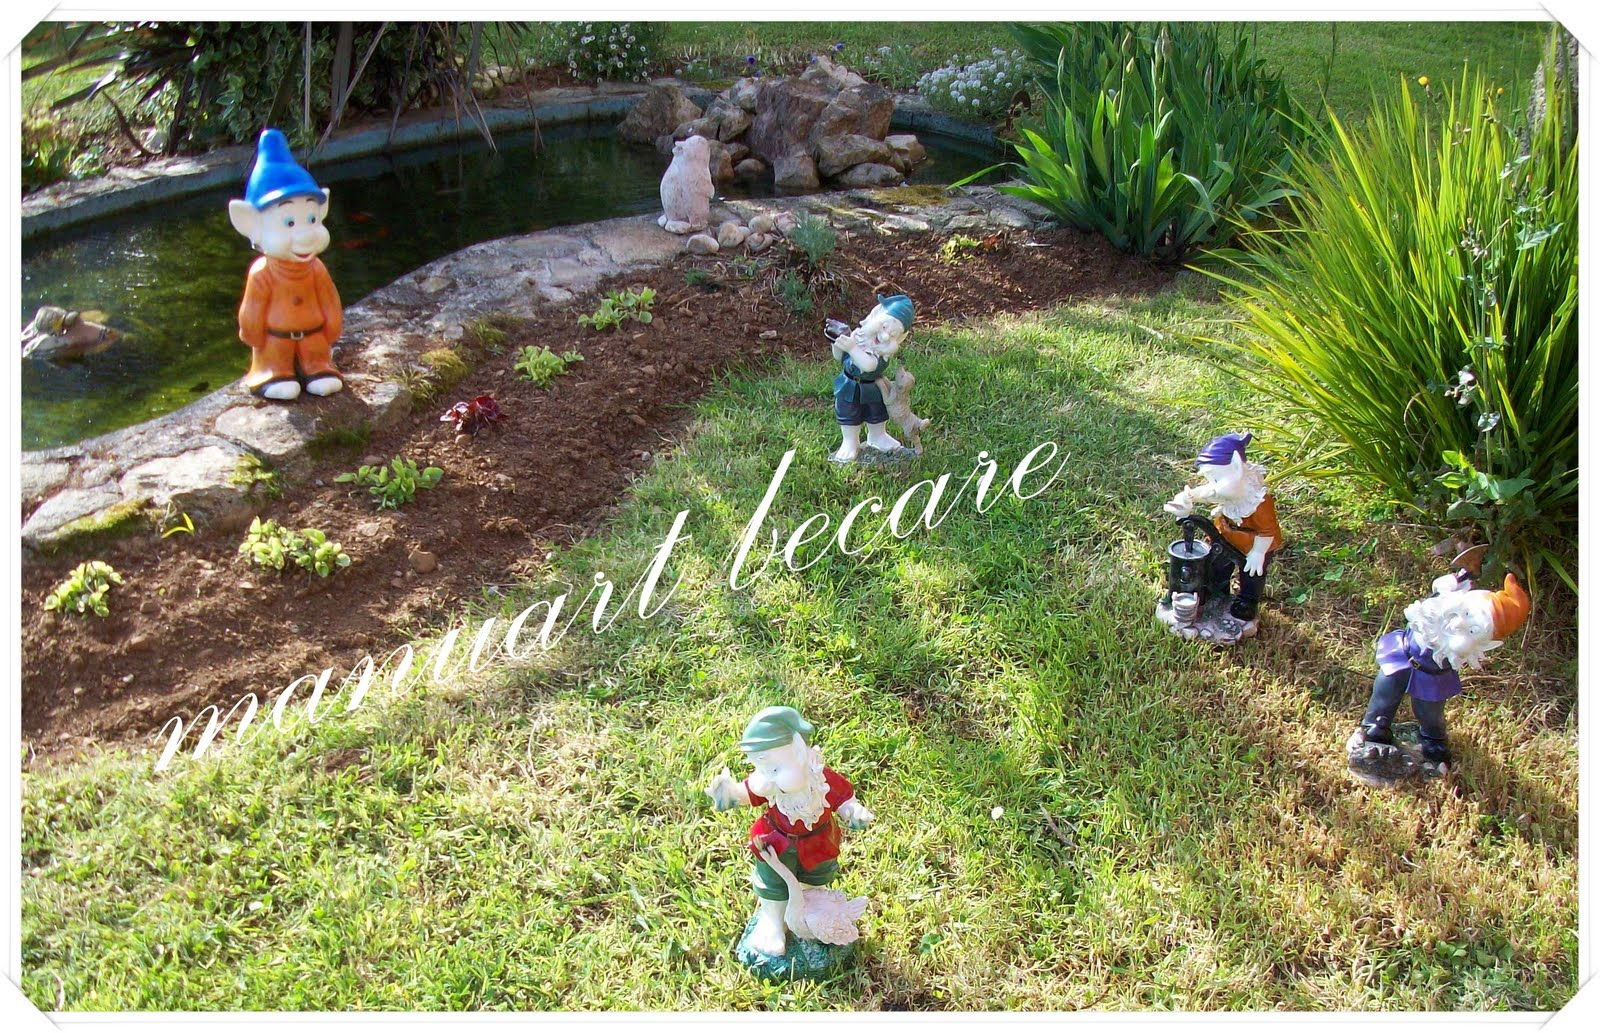 Manuart becare en mi jardin crecen los enanos for Enanos jardin